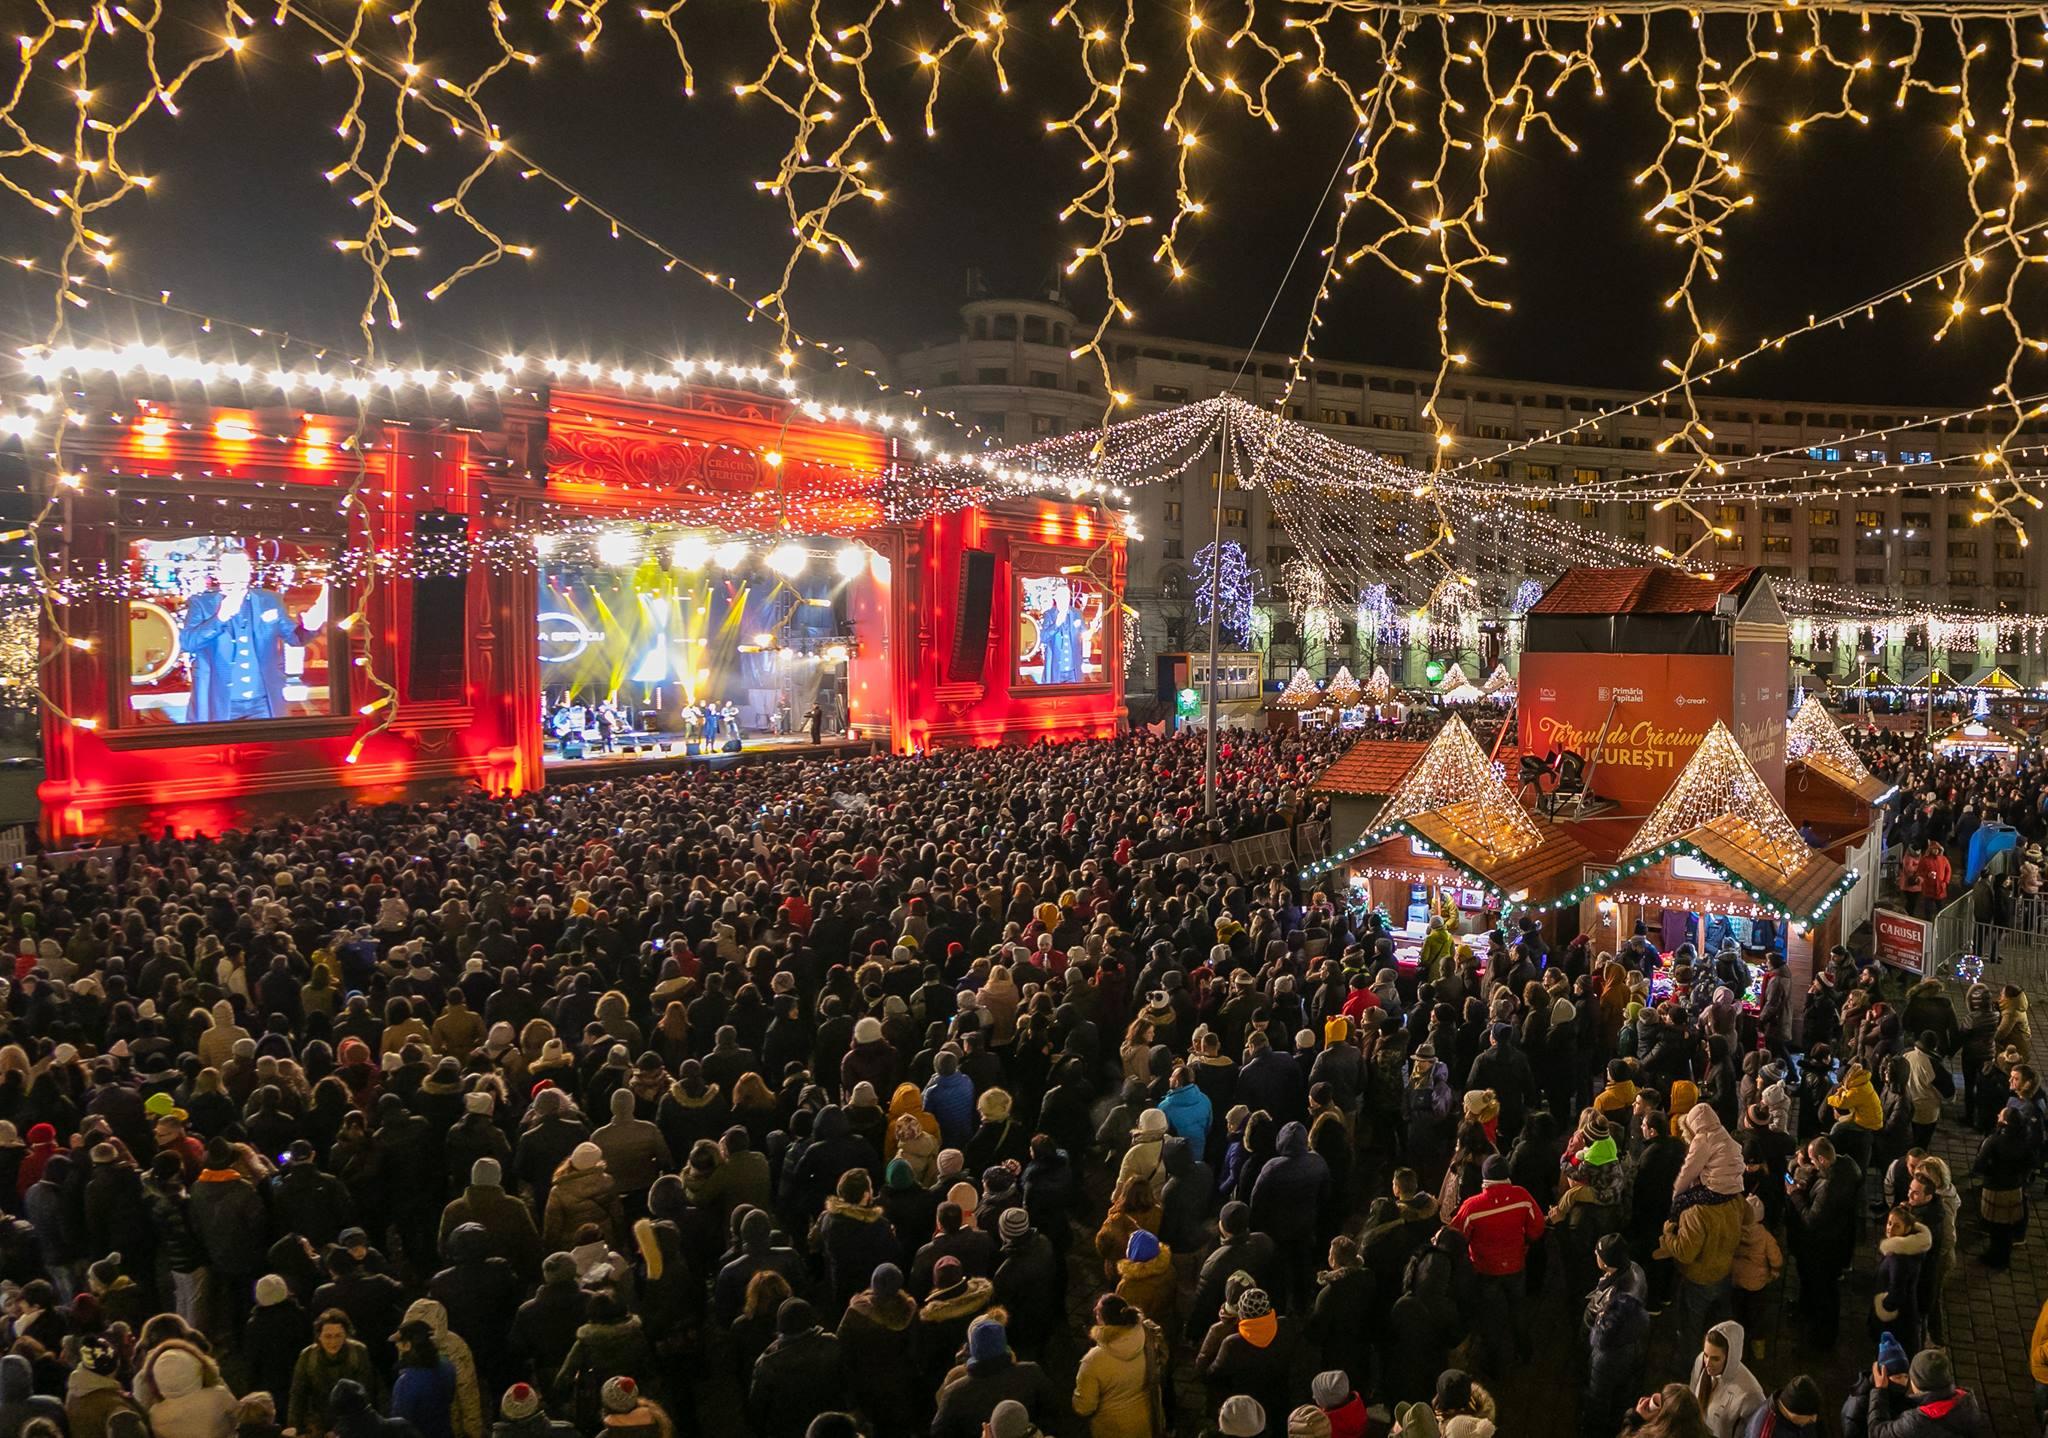 Targul de Craciun Bucuresti 2019 din Piata Constitutiei se deschide pe 28 noiembrie